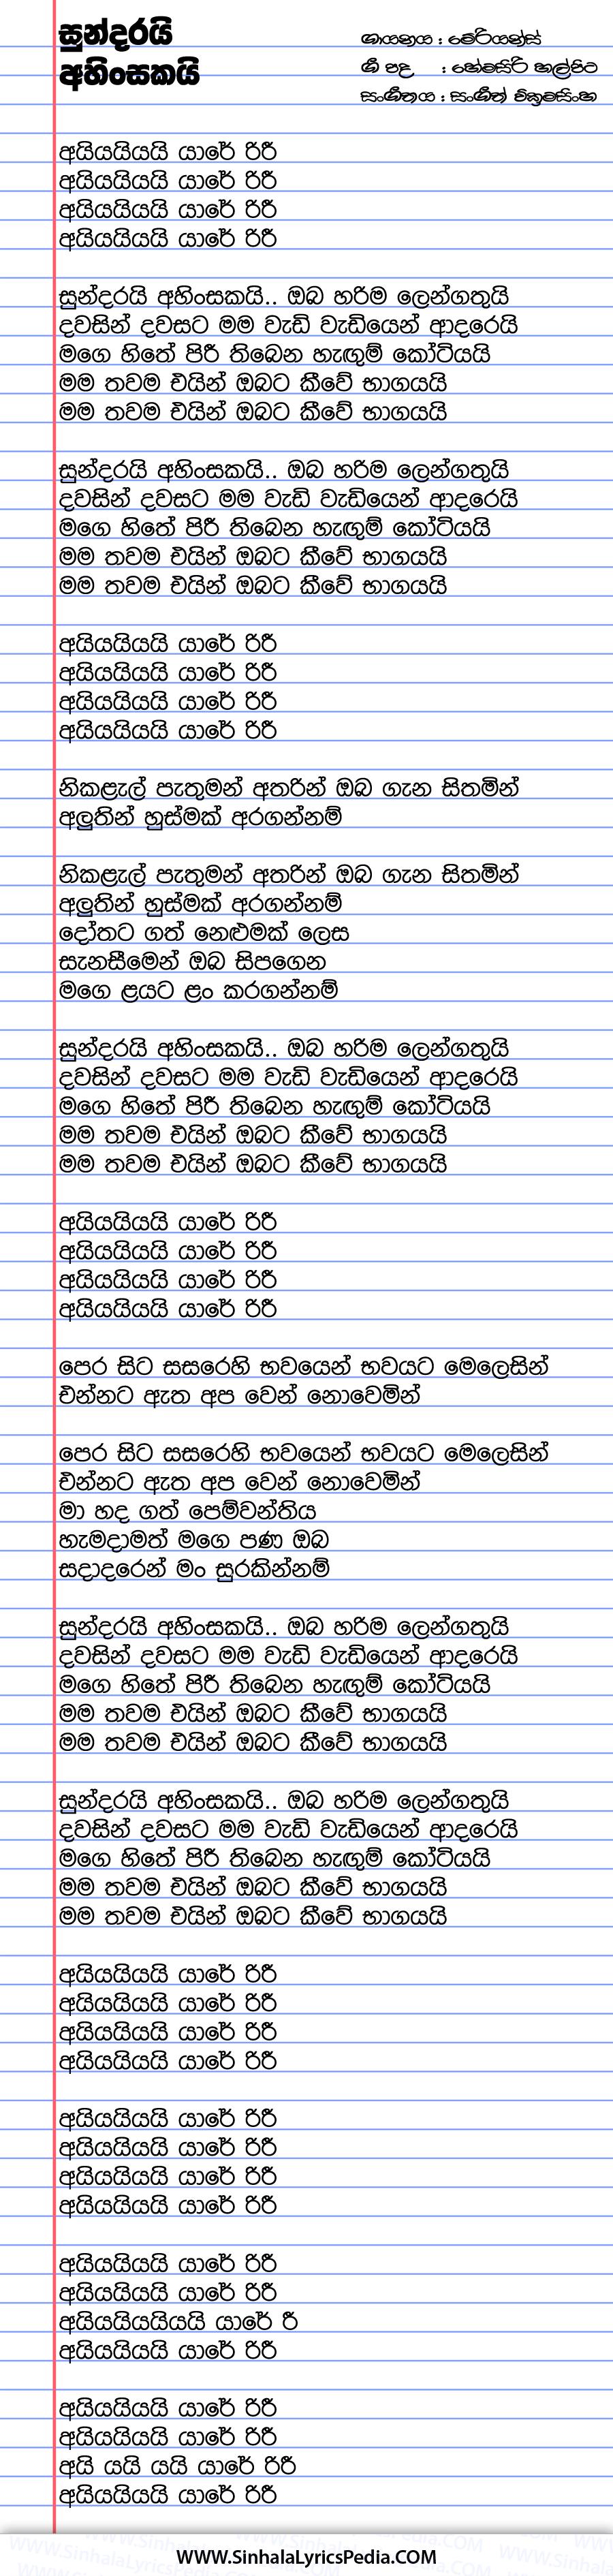 Sundarai Ahinsakai Oba Harima Lengathui Song Lyrics